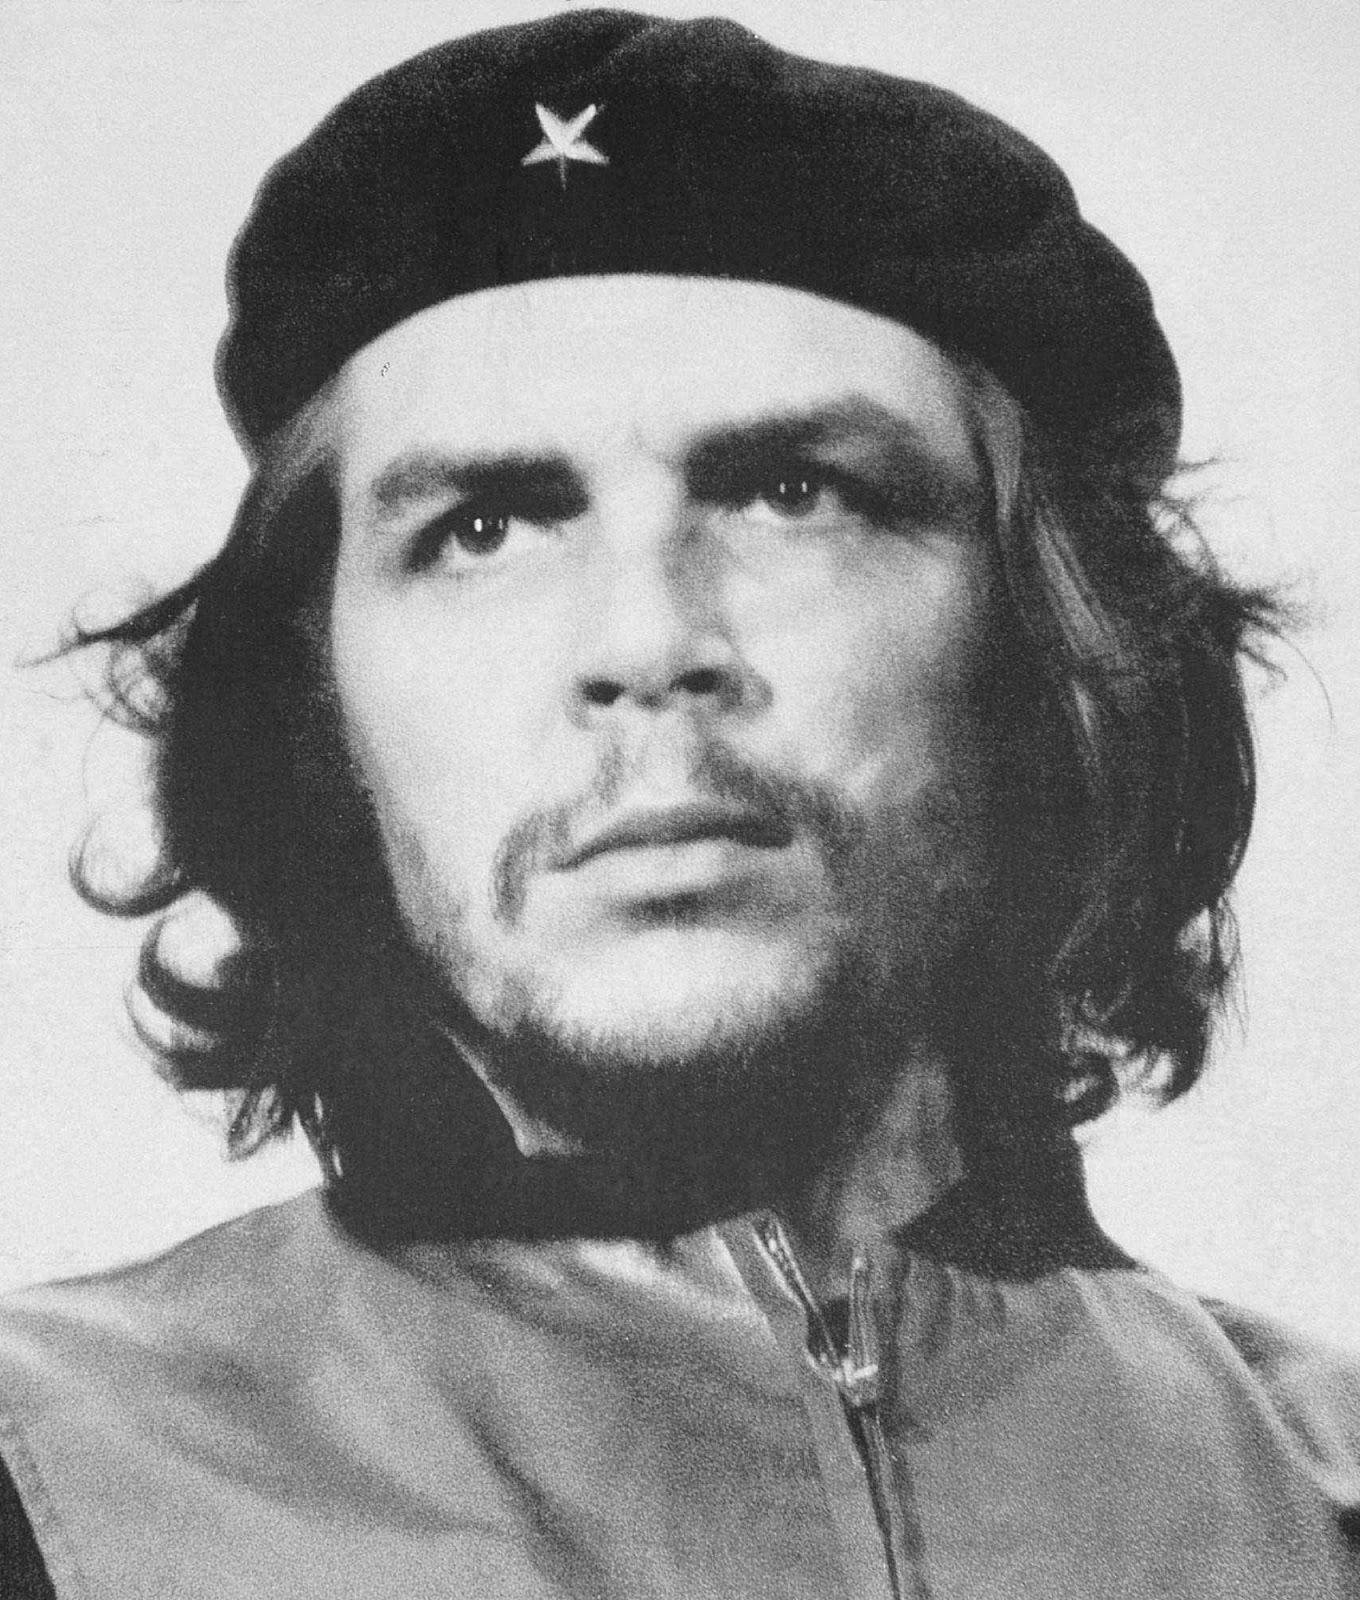 6727a8b15905a La Historia de la famosa Fotografia del Che Guevara ~ International ...